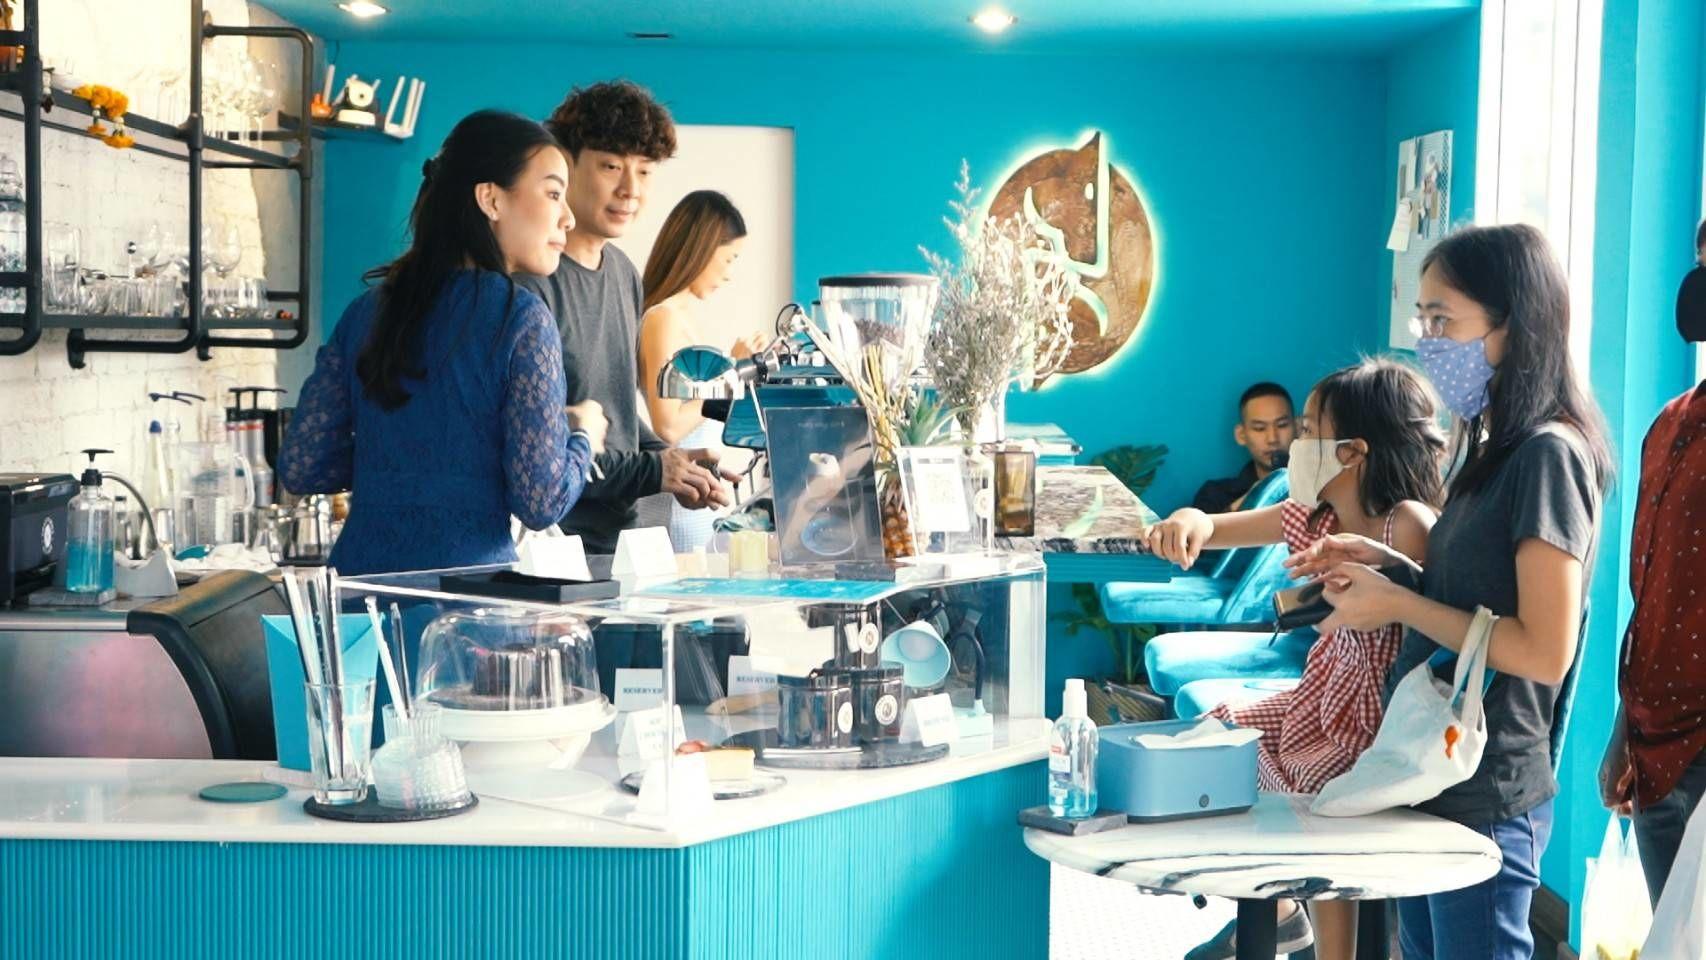 'ตลาดนัดสมหวัง' พาชิมกาแฟรสเข้มข้น ร้านหรูสุดโมเดิร์นของนักร้องหนุ่ม 'นุ วง Zheez'   ข่าวโดย Tadoo